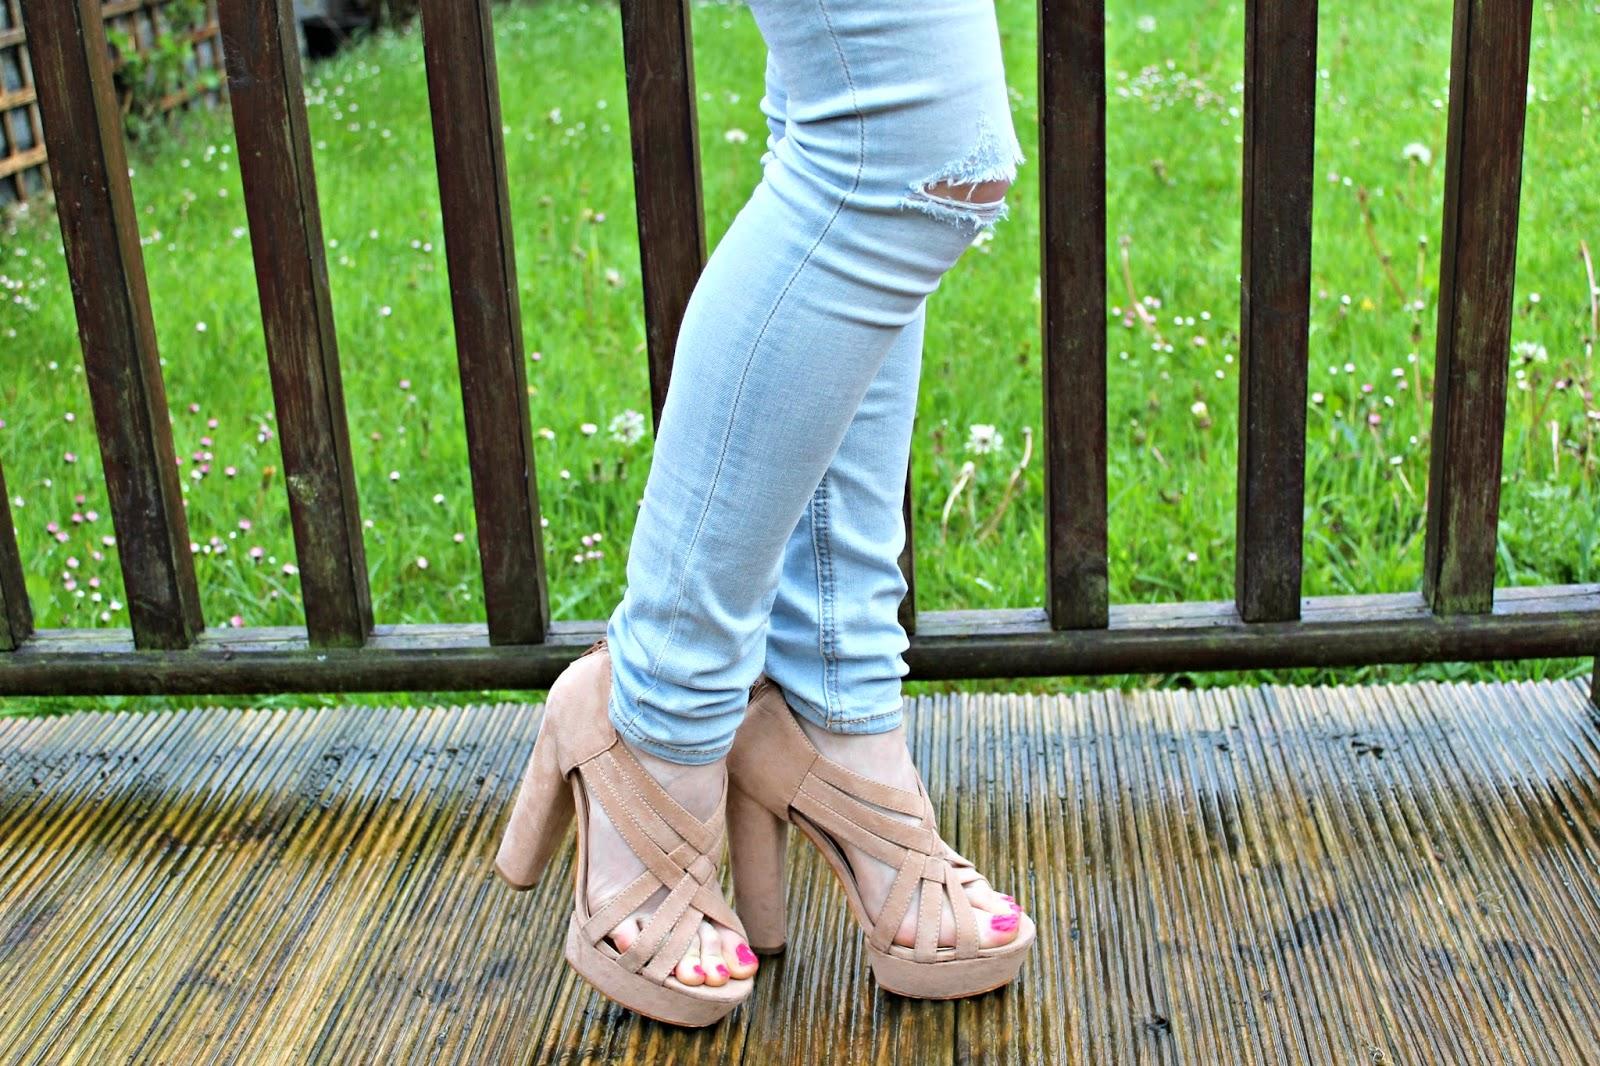 Bec Boop nude sandals